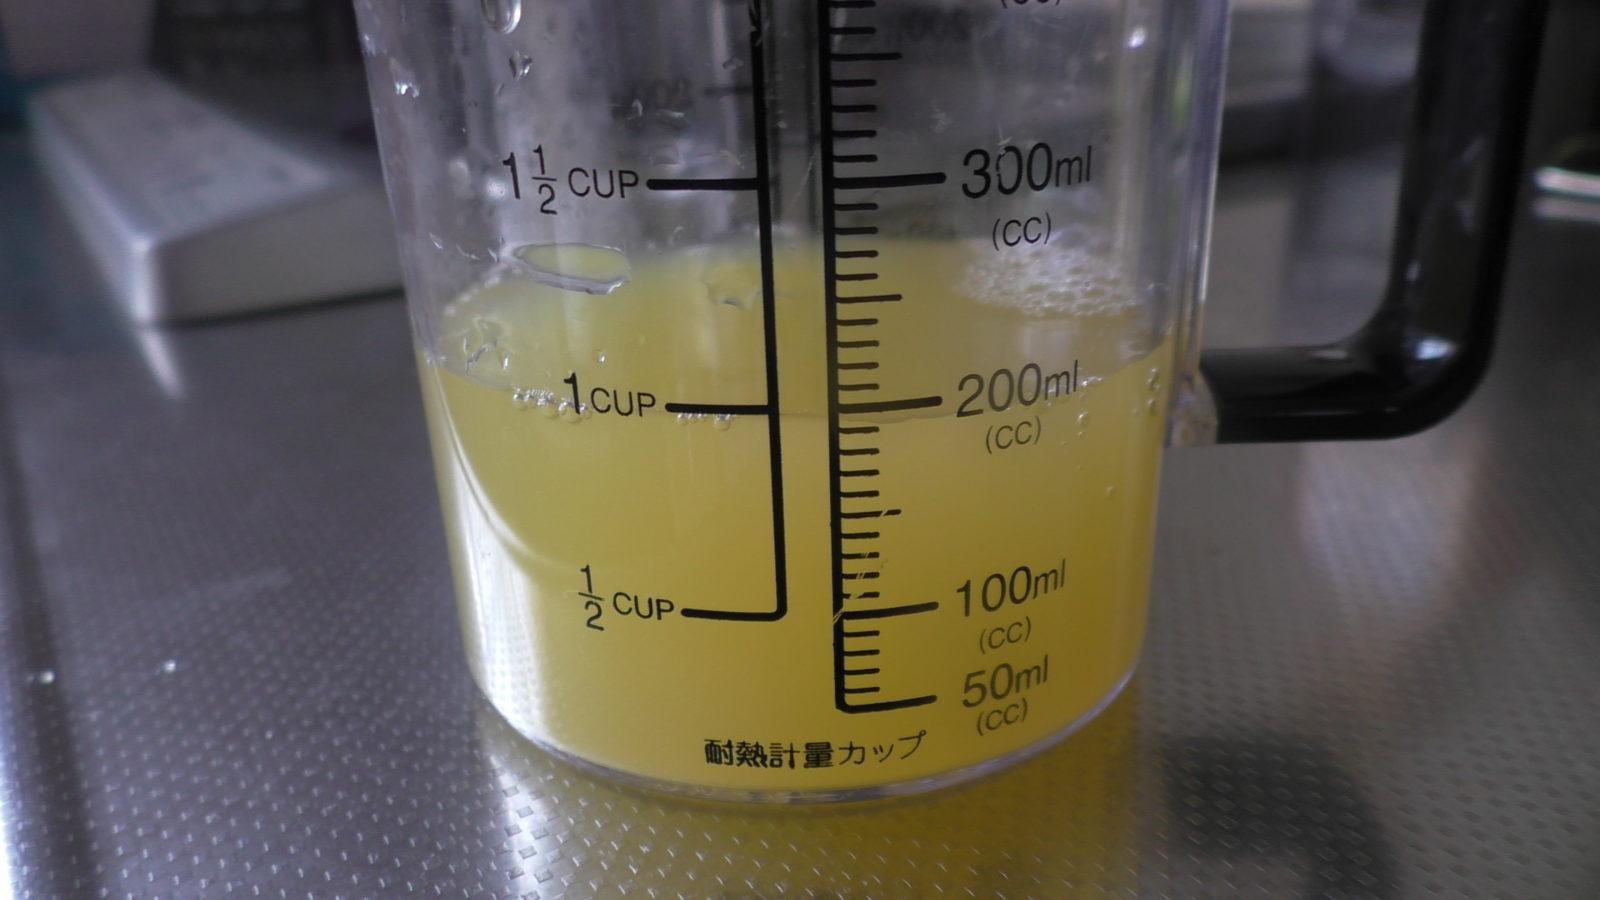 オレンジジュース200ml